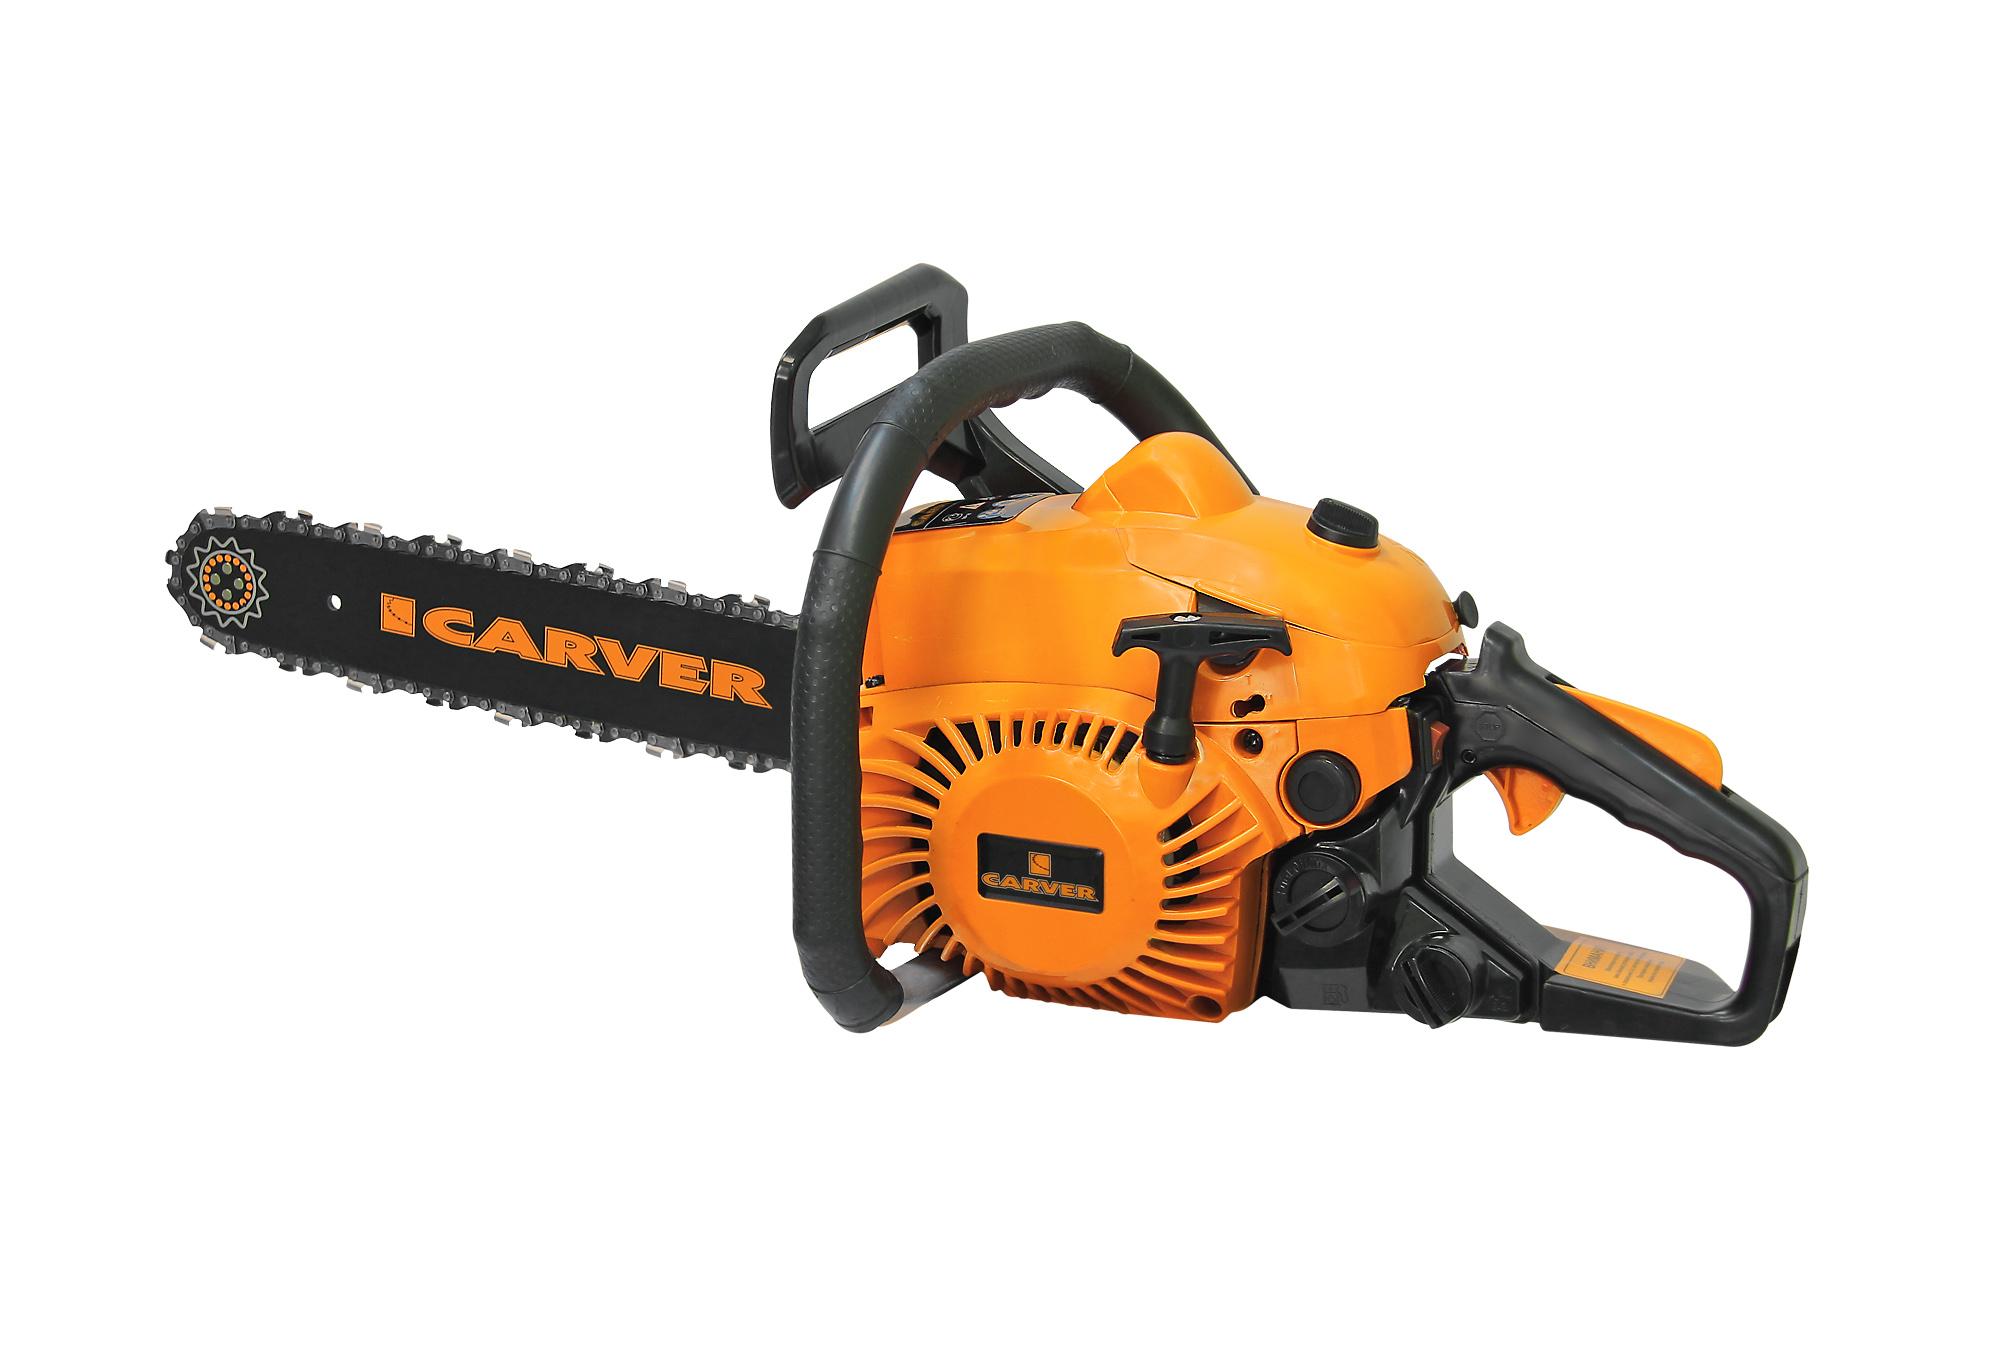 carver-rsg-38-16